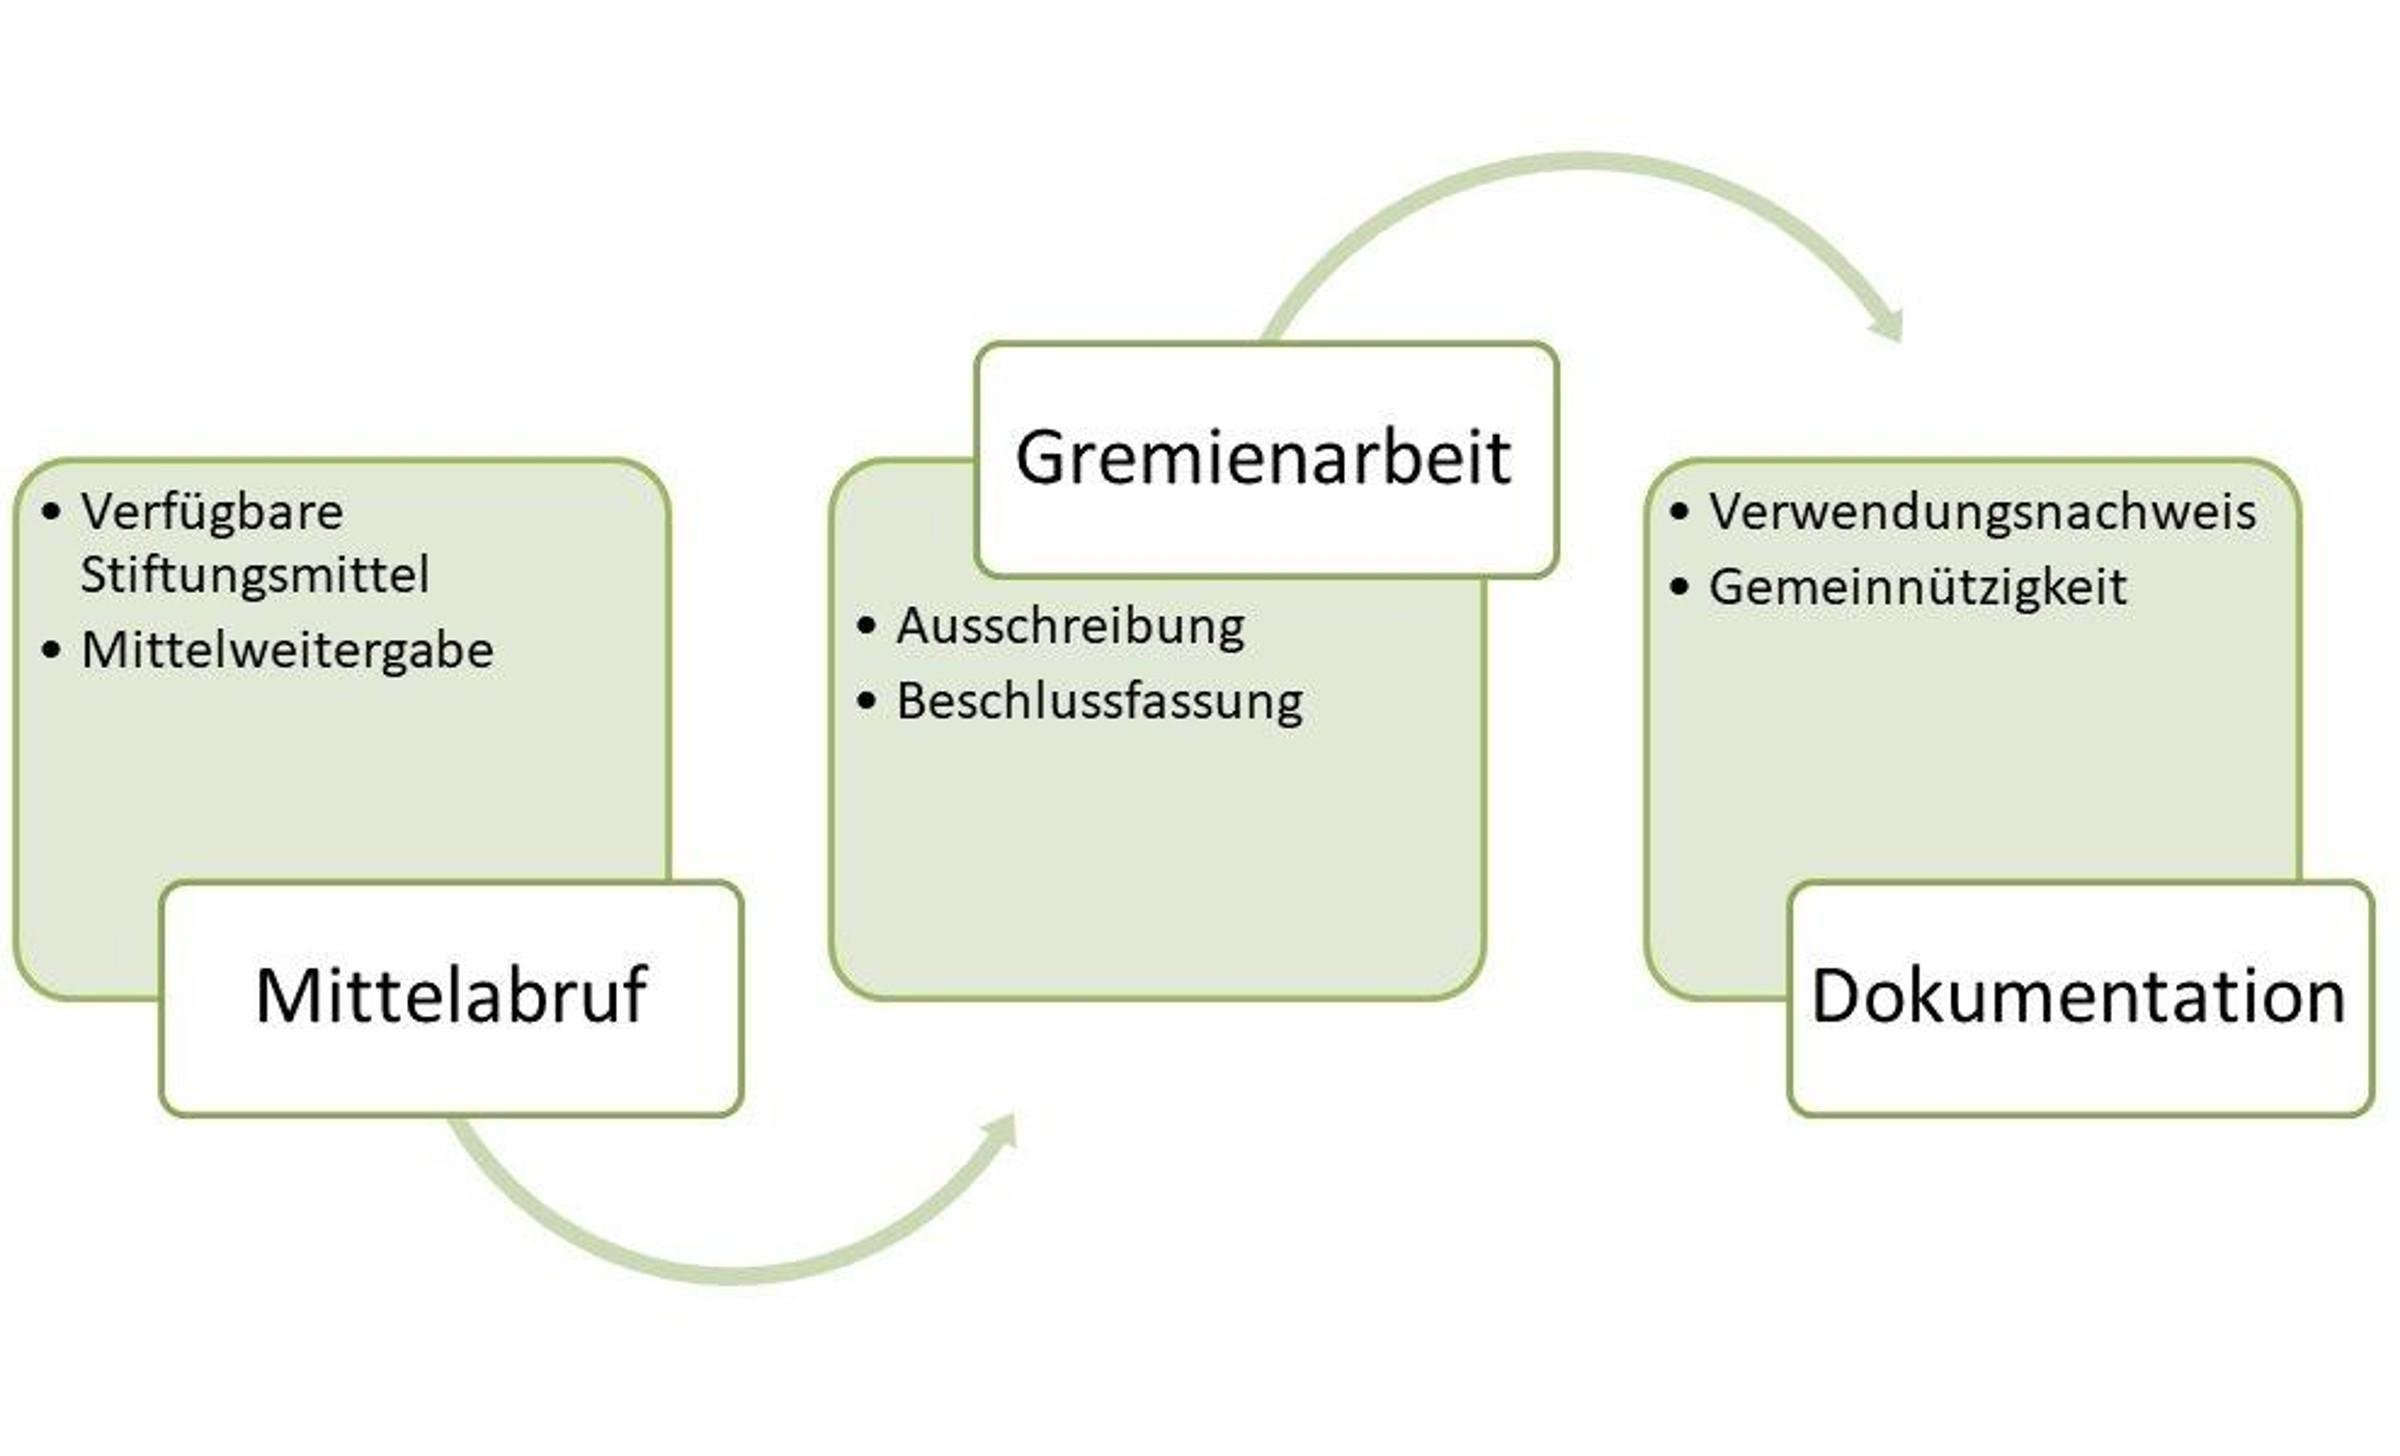 Schema des Stiftungsmanagements